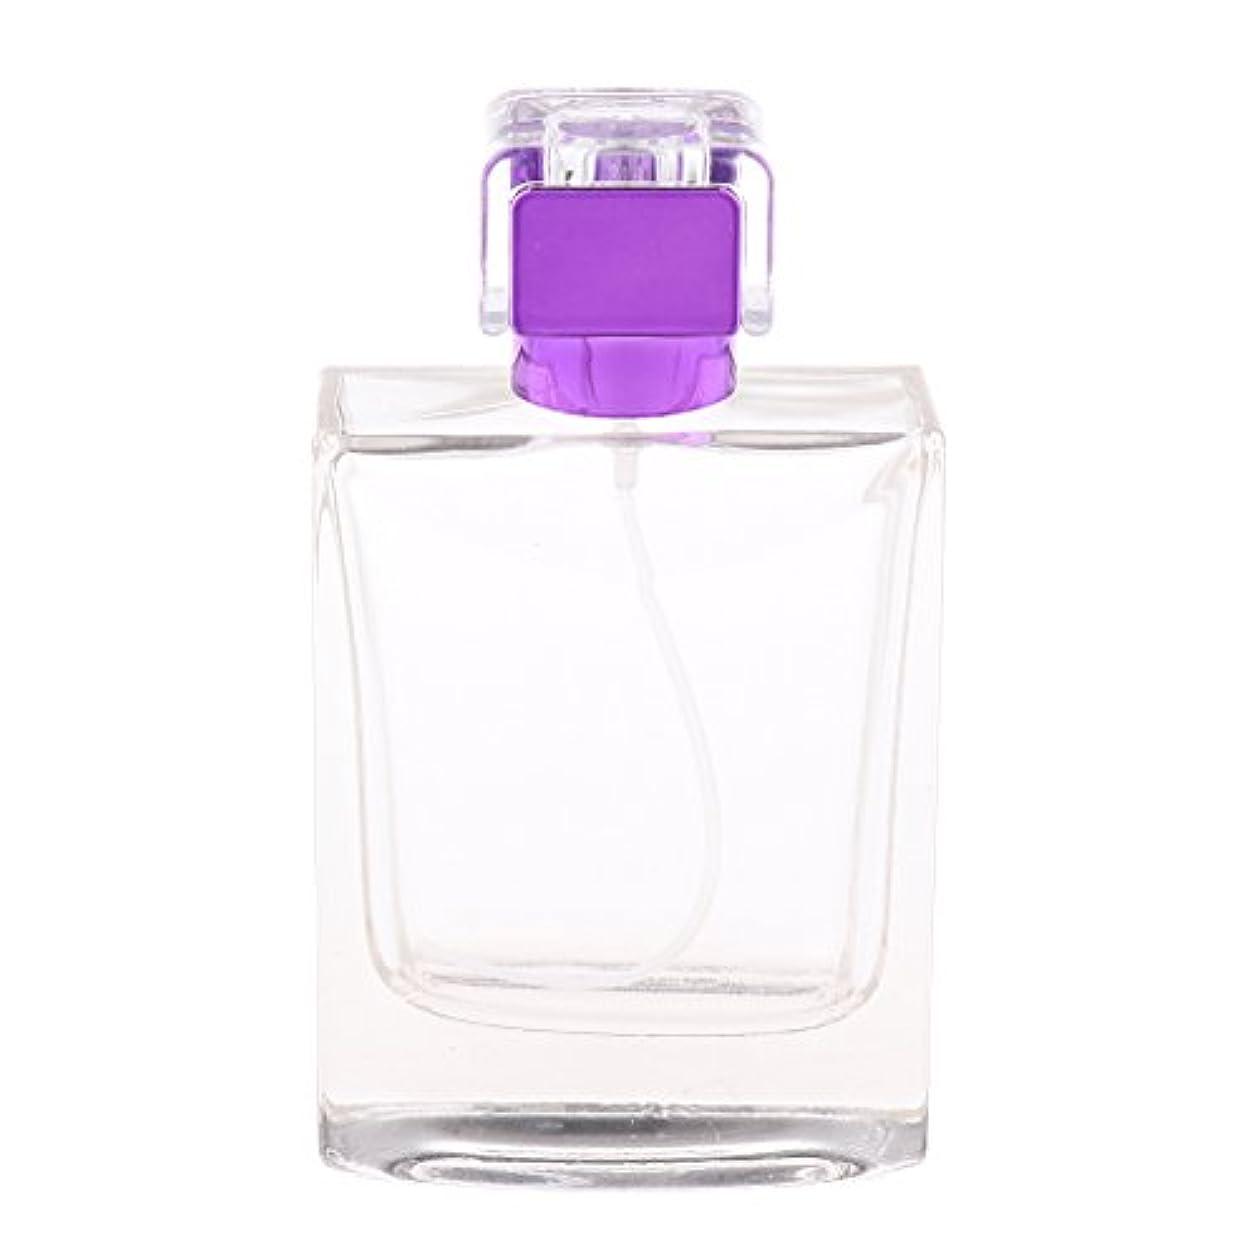 隣人シンボル堤防ノーブランド品  100ml  矩形 香水瓶 スプレーボトル アトマイザー 詰め替え 旅行携帯便利  - 紫